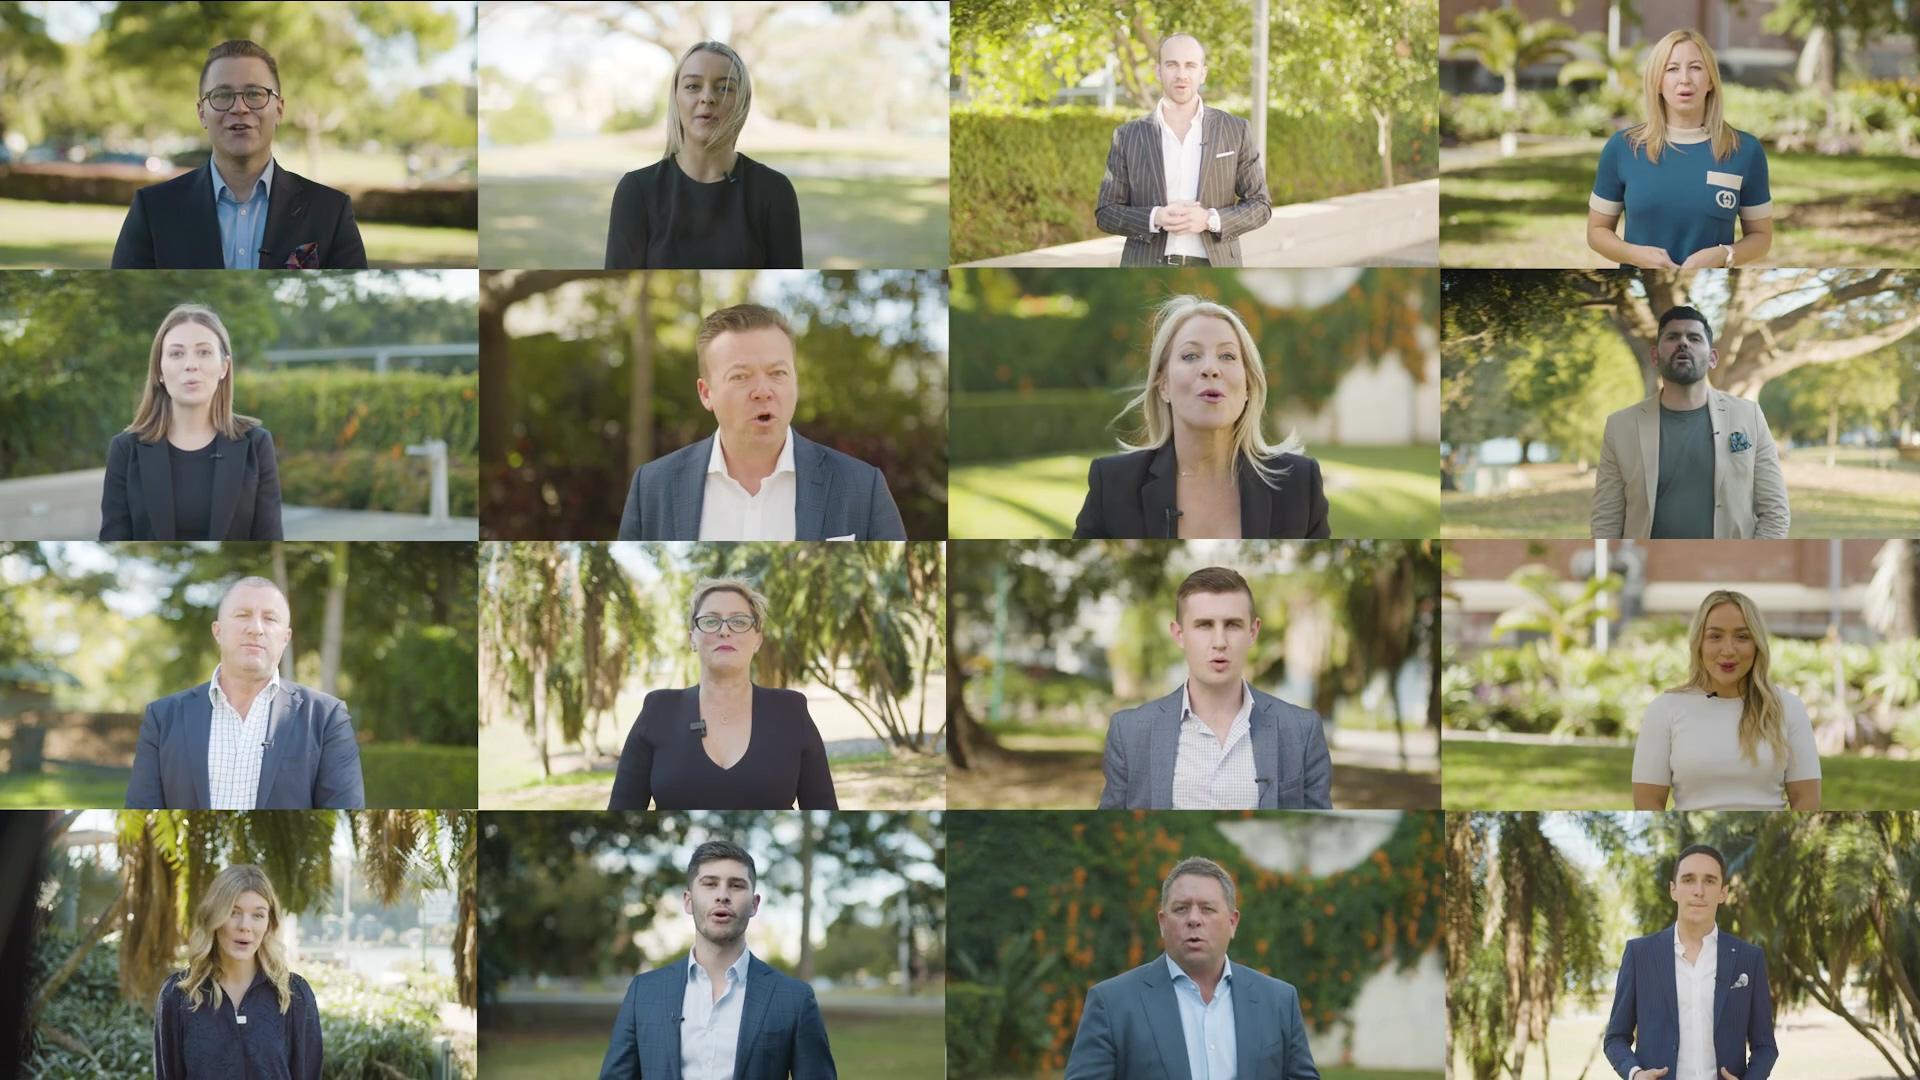 Employer Brand Video v3